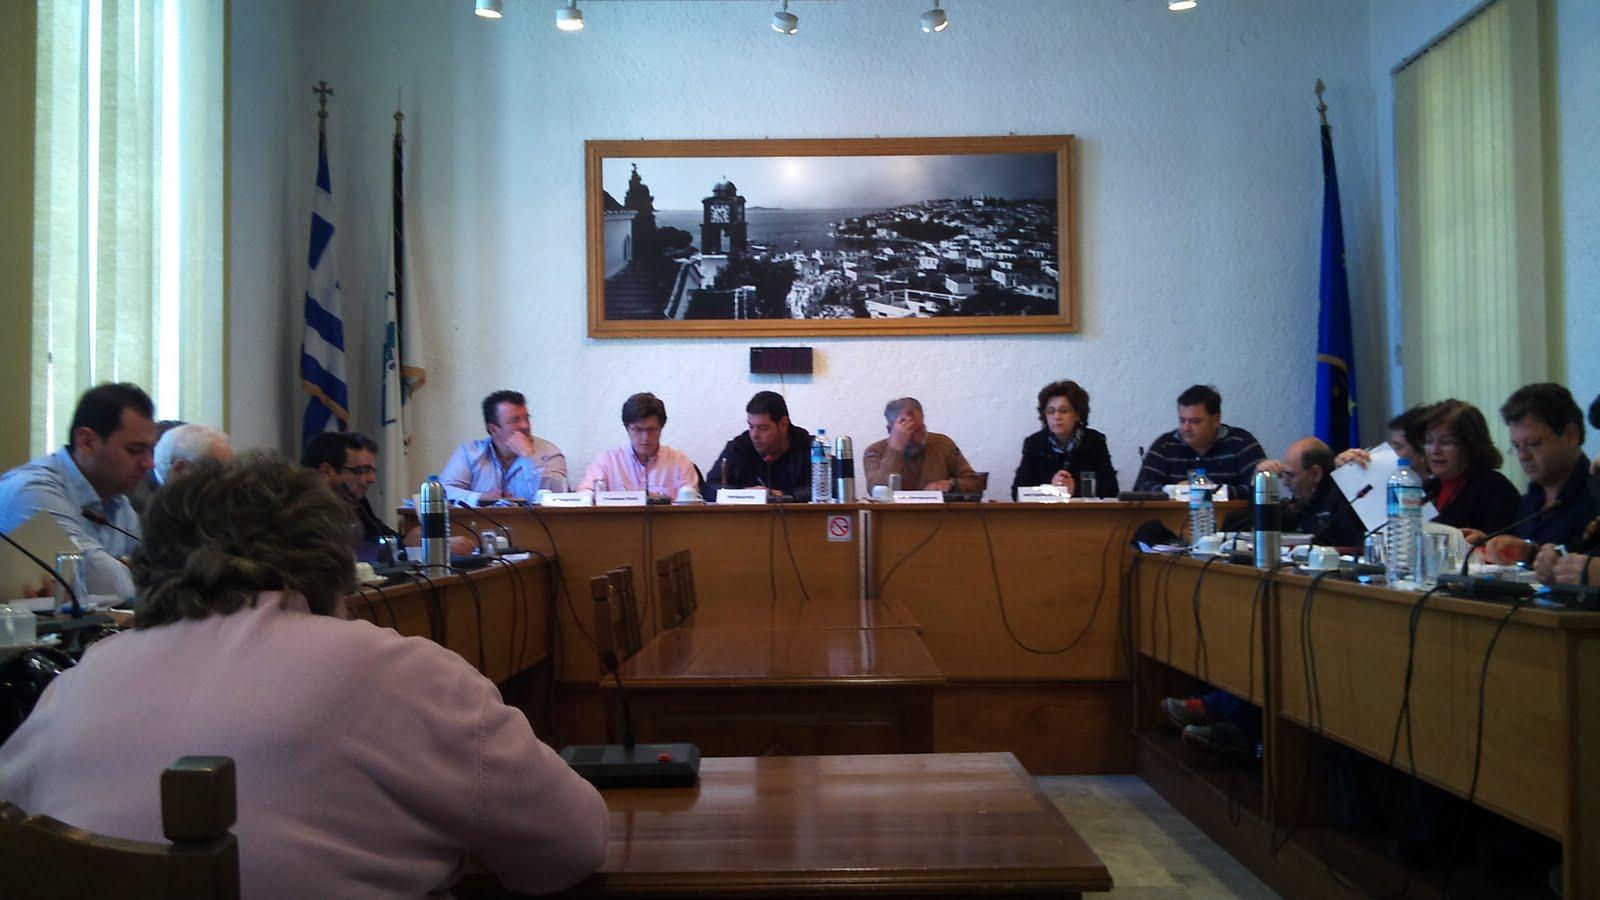 Αποτέλεσμα εικόνας για δημοτικο συμβούλιο σκιαθου πλωμαριτης